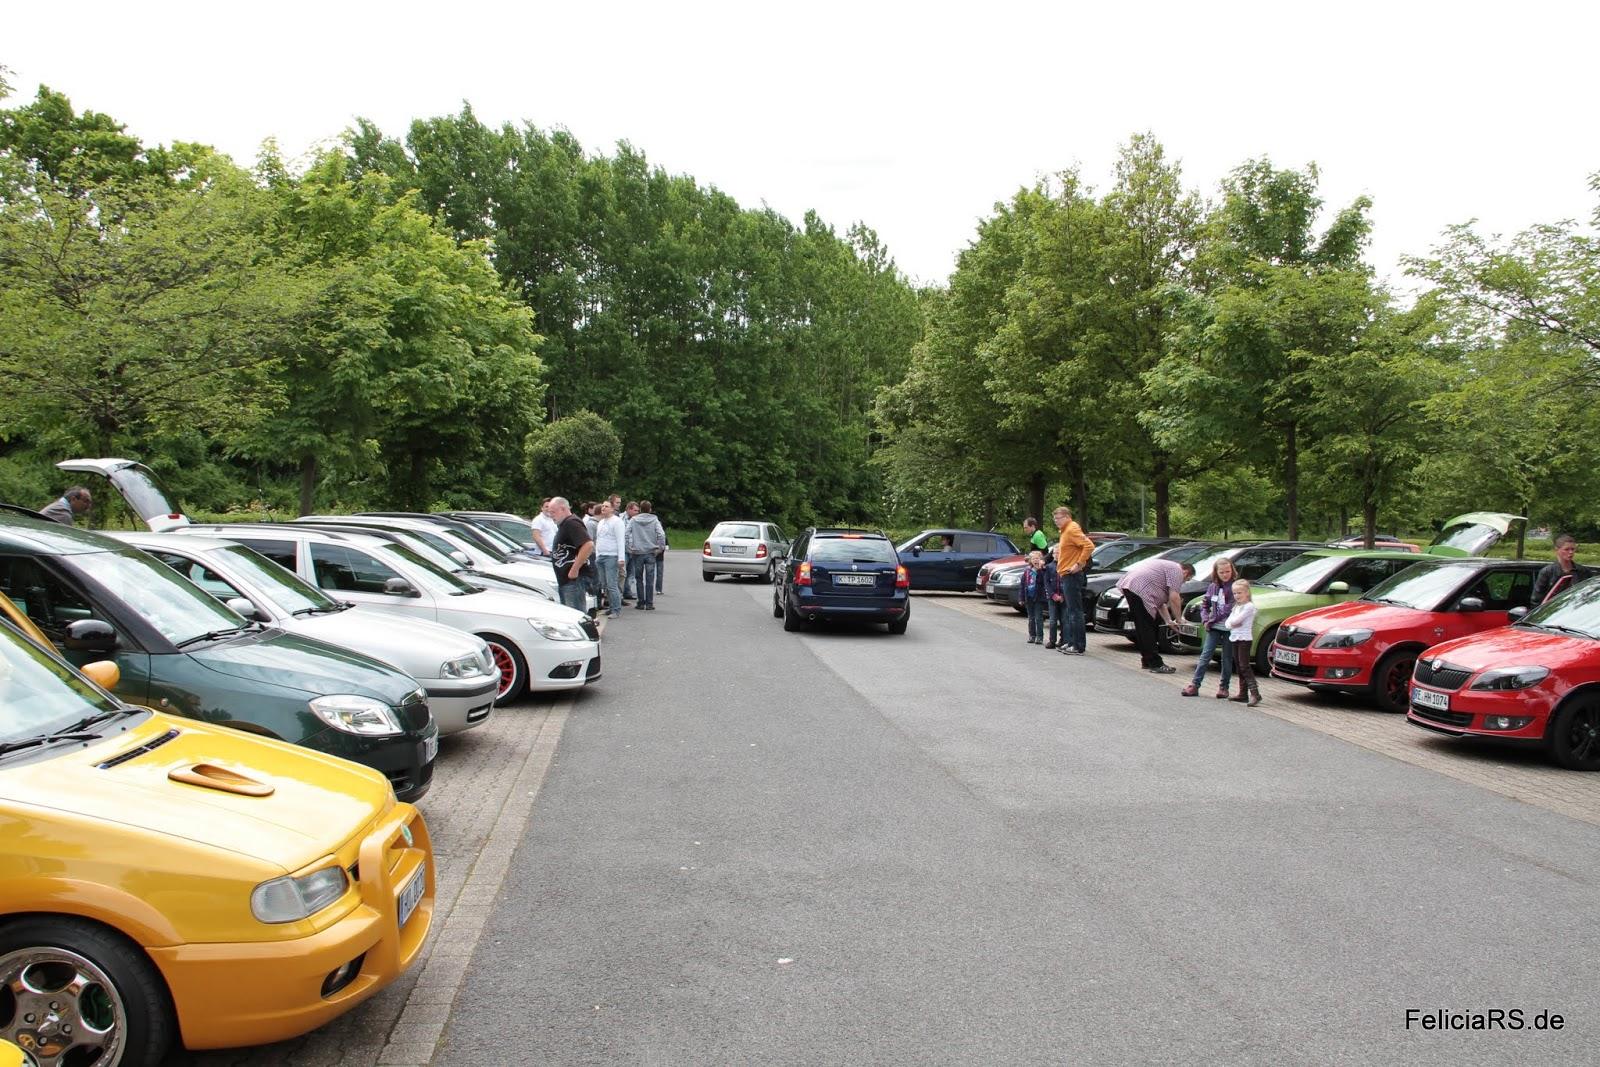 Und der Parkplatz füllt sich